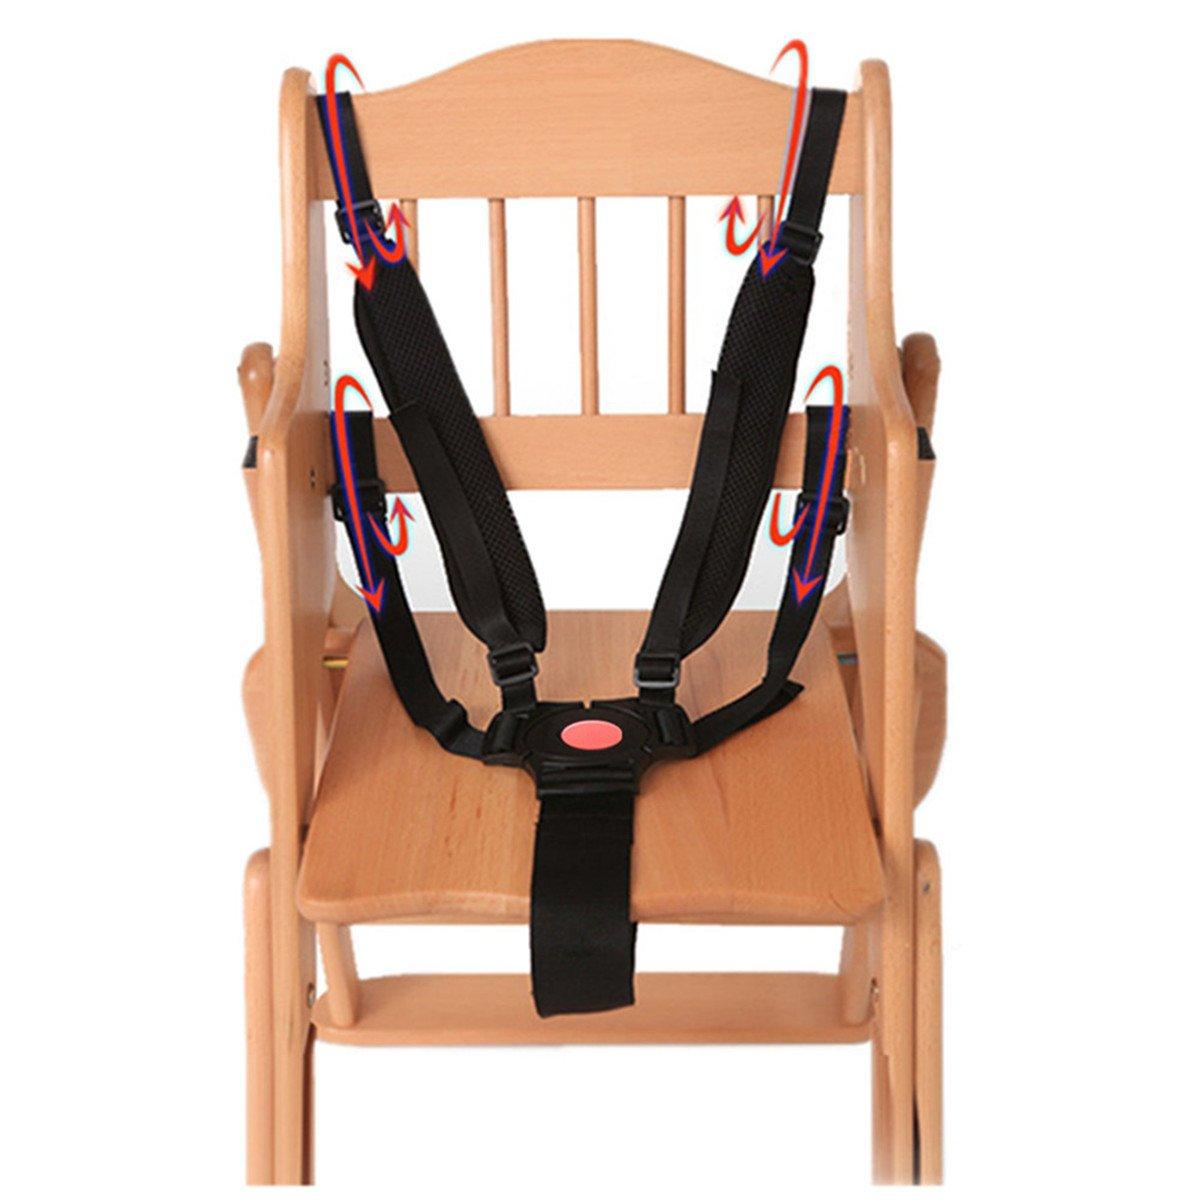 Noir Ruiyingbaby 5 Point Harness Ceinture de s/écurit/é Ceintures de s/écurit/é pour la poussette Chaise haute